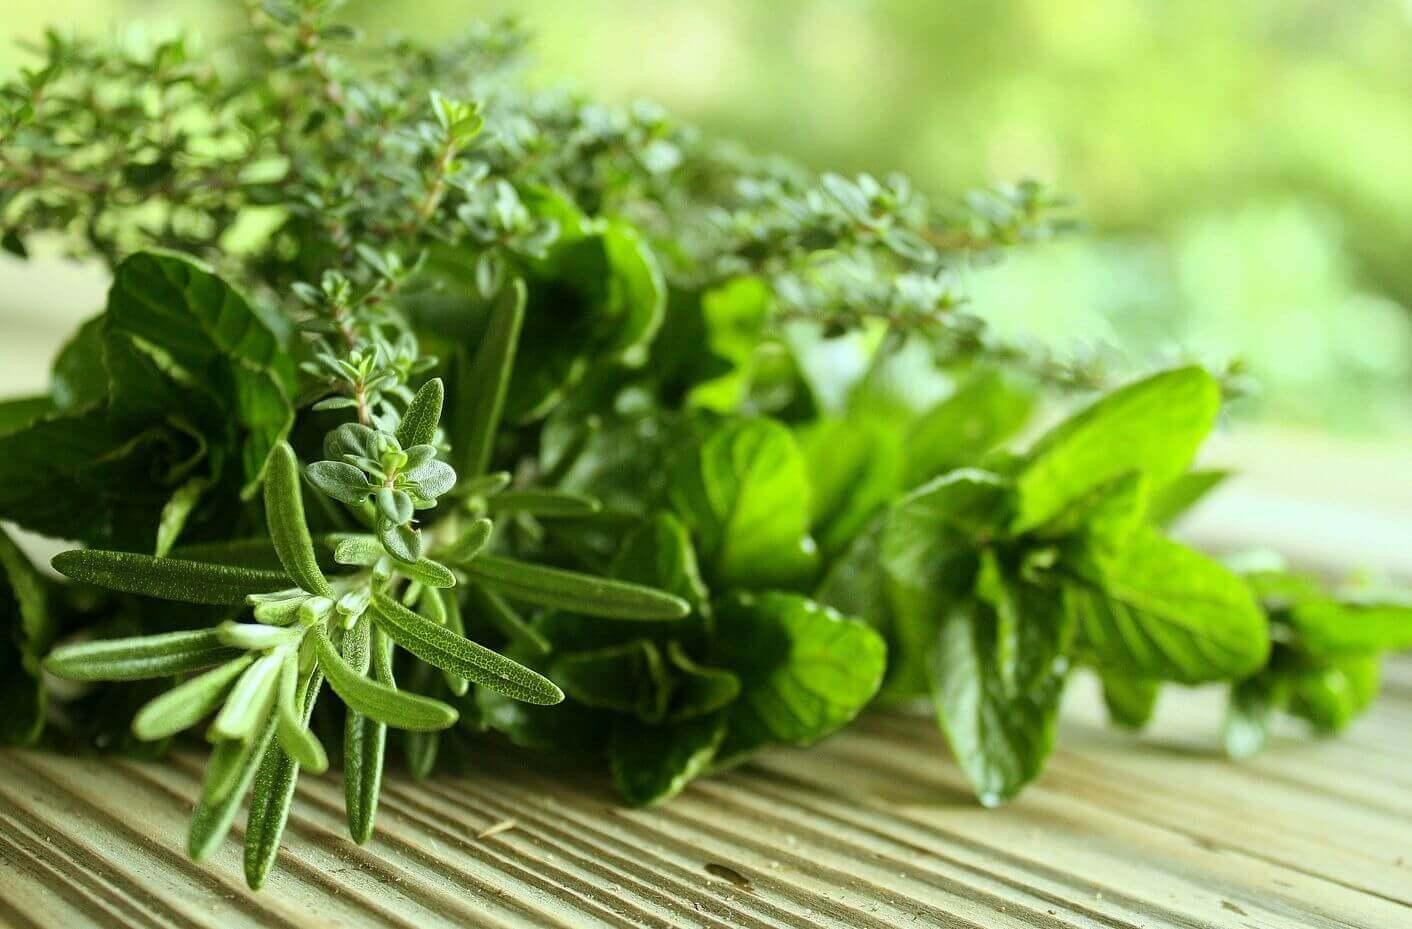 şifalı yeşil bitkiler